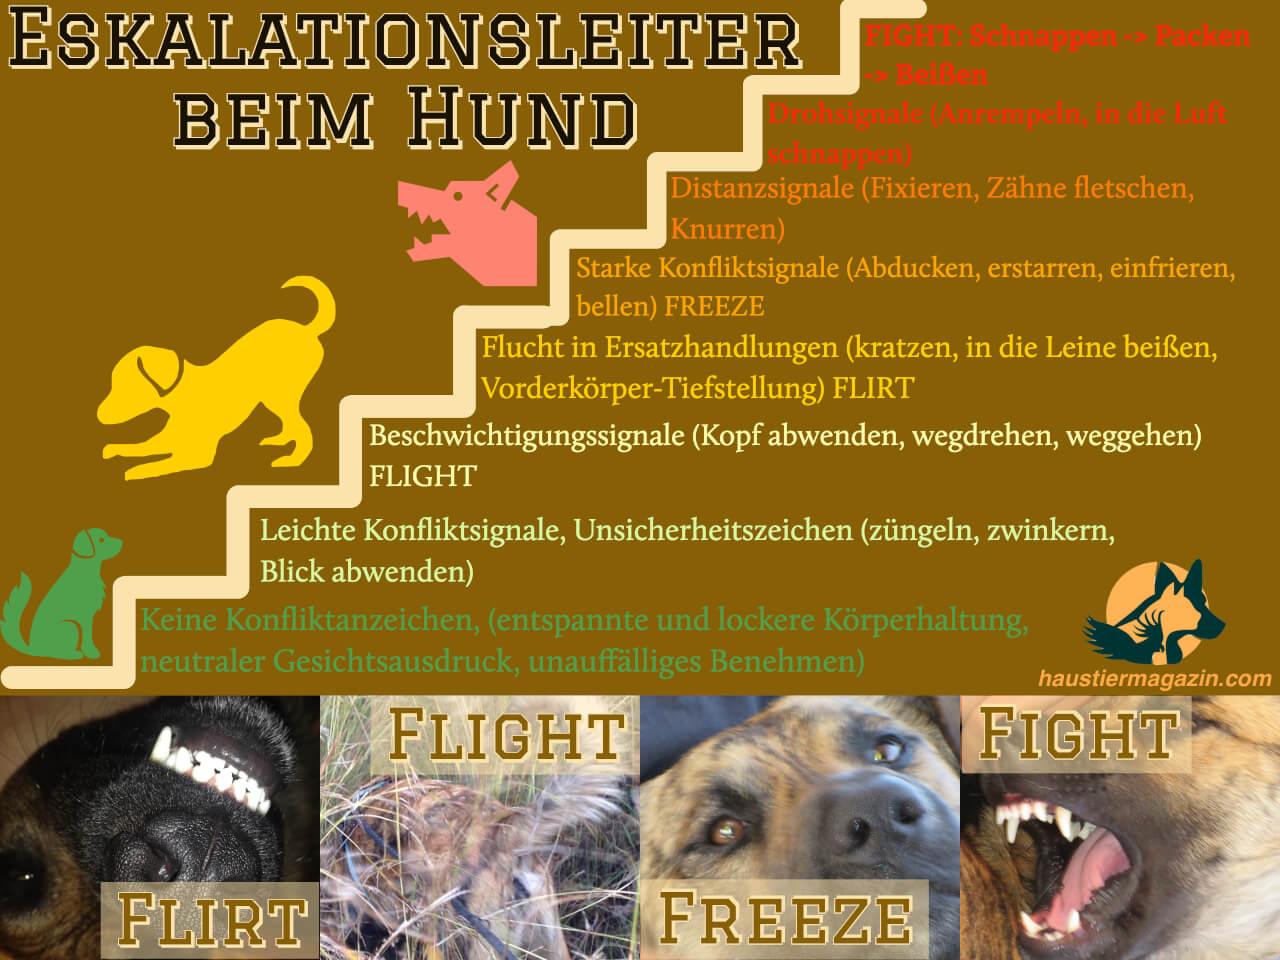 Infografik zur Eskalationsleiter beim Hund mit Meideverhalten, Konfliktzeichen, Aggressionsanzeichen